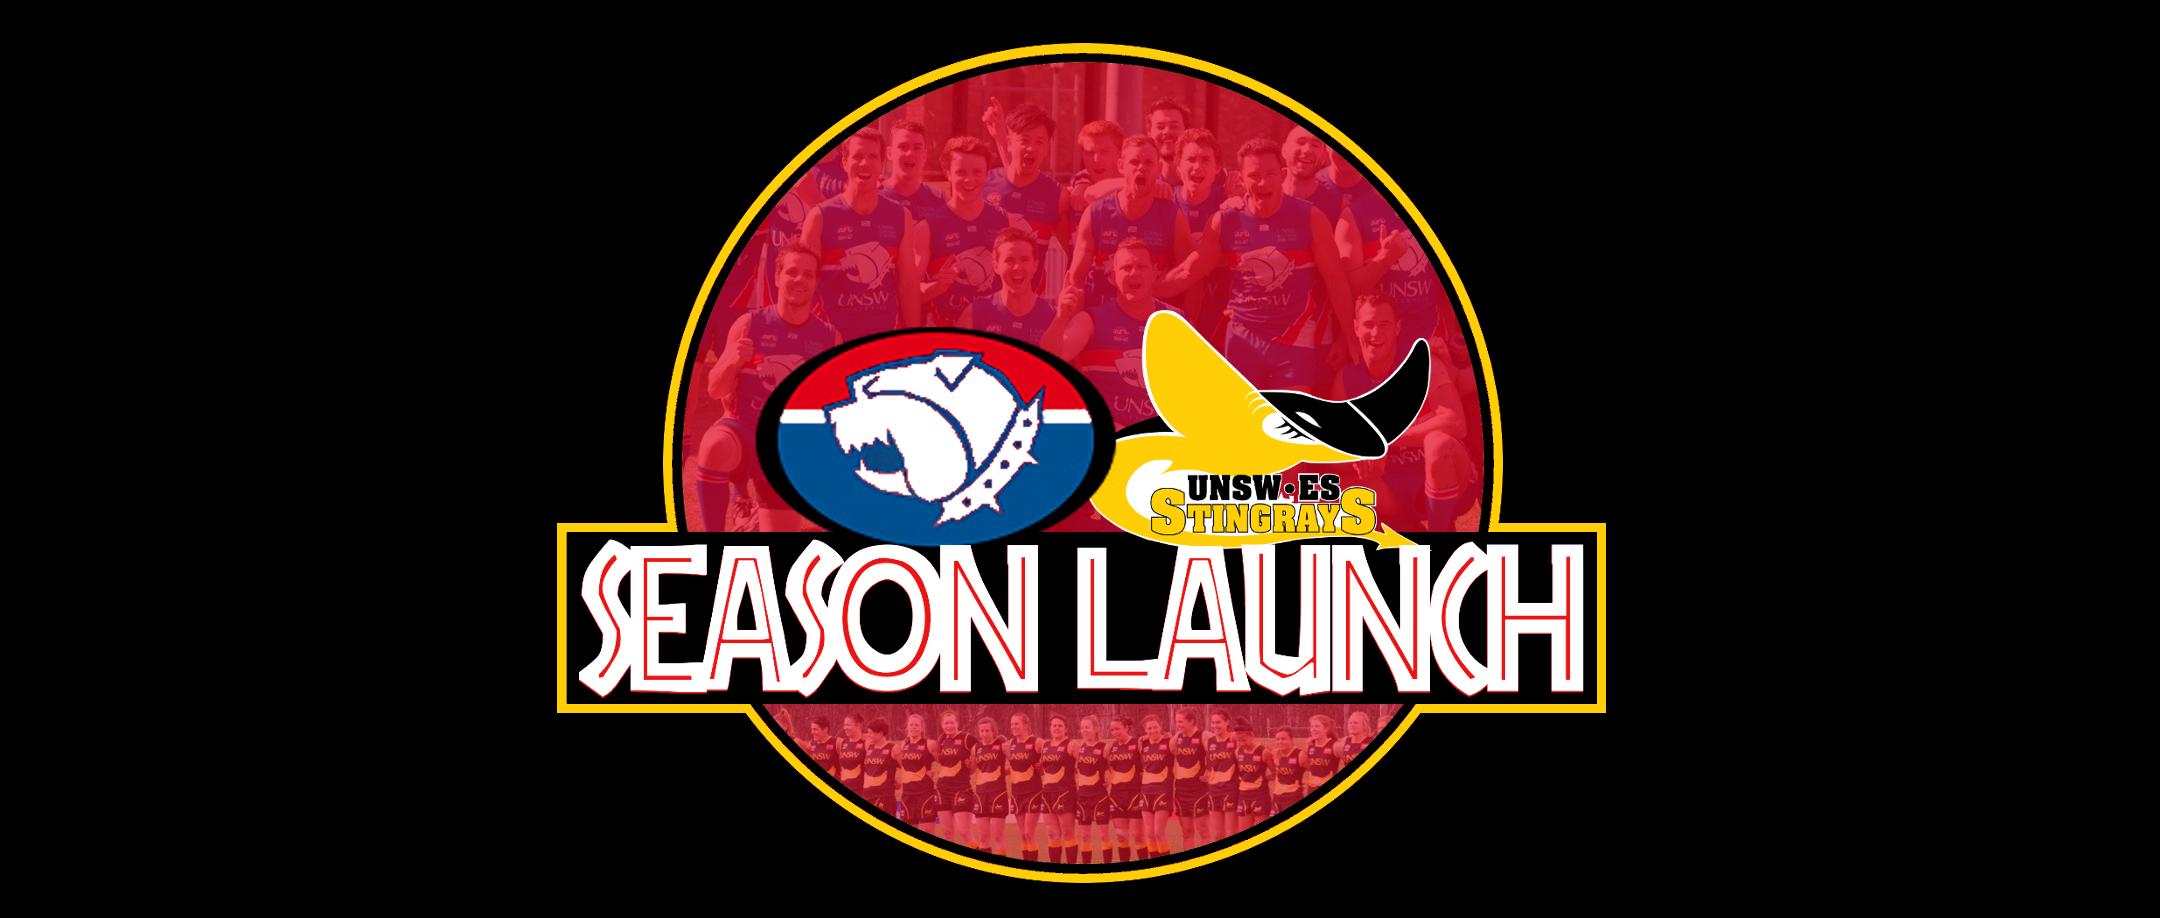 UNSW-ES AFL Club Season Launch 2016